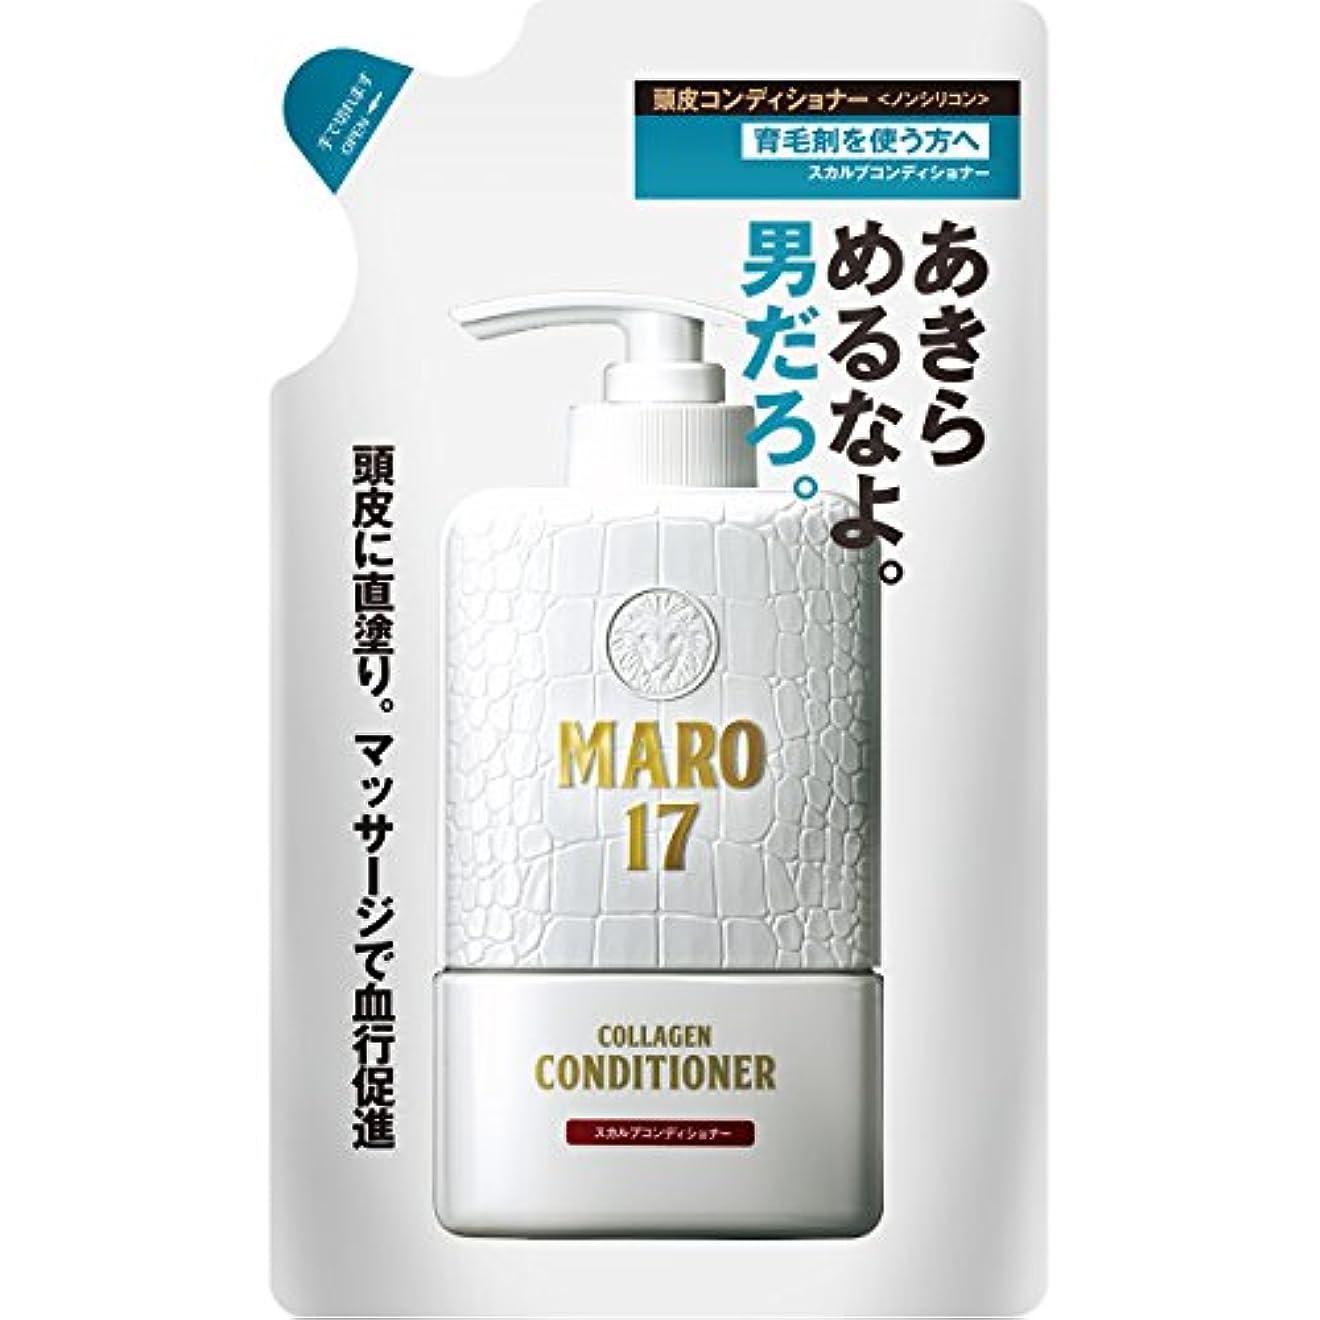 消費者有効化急性MARO17 スカルプコンディショナー 詰め替え 300ml